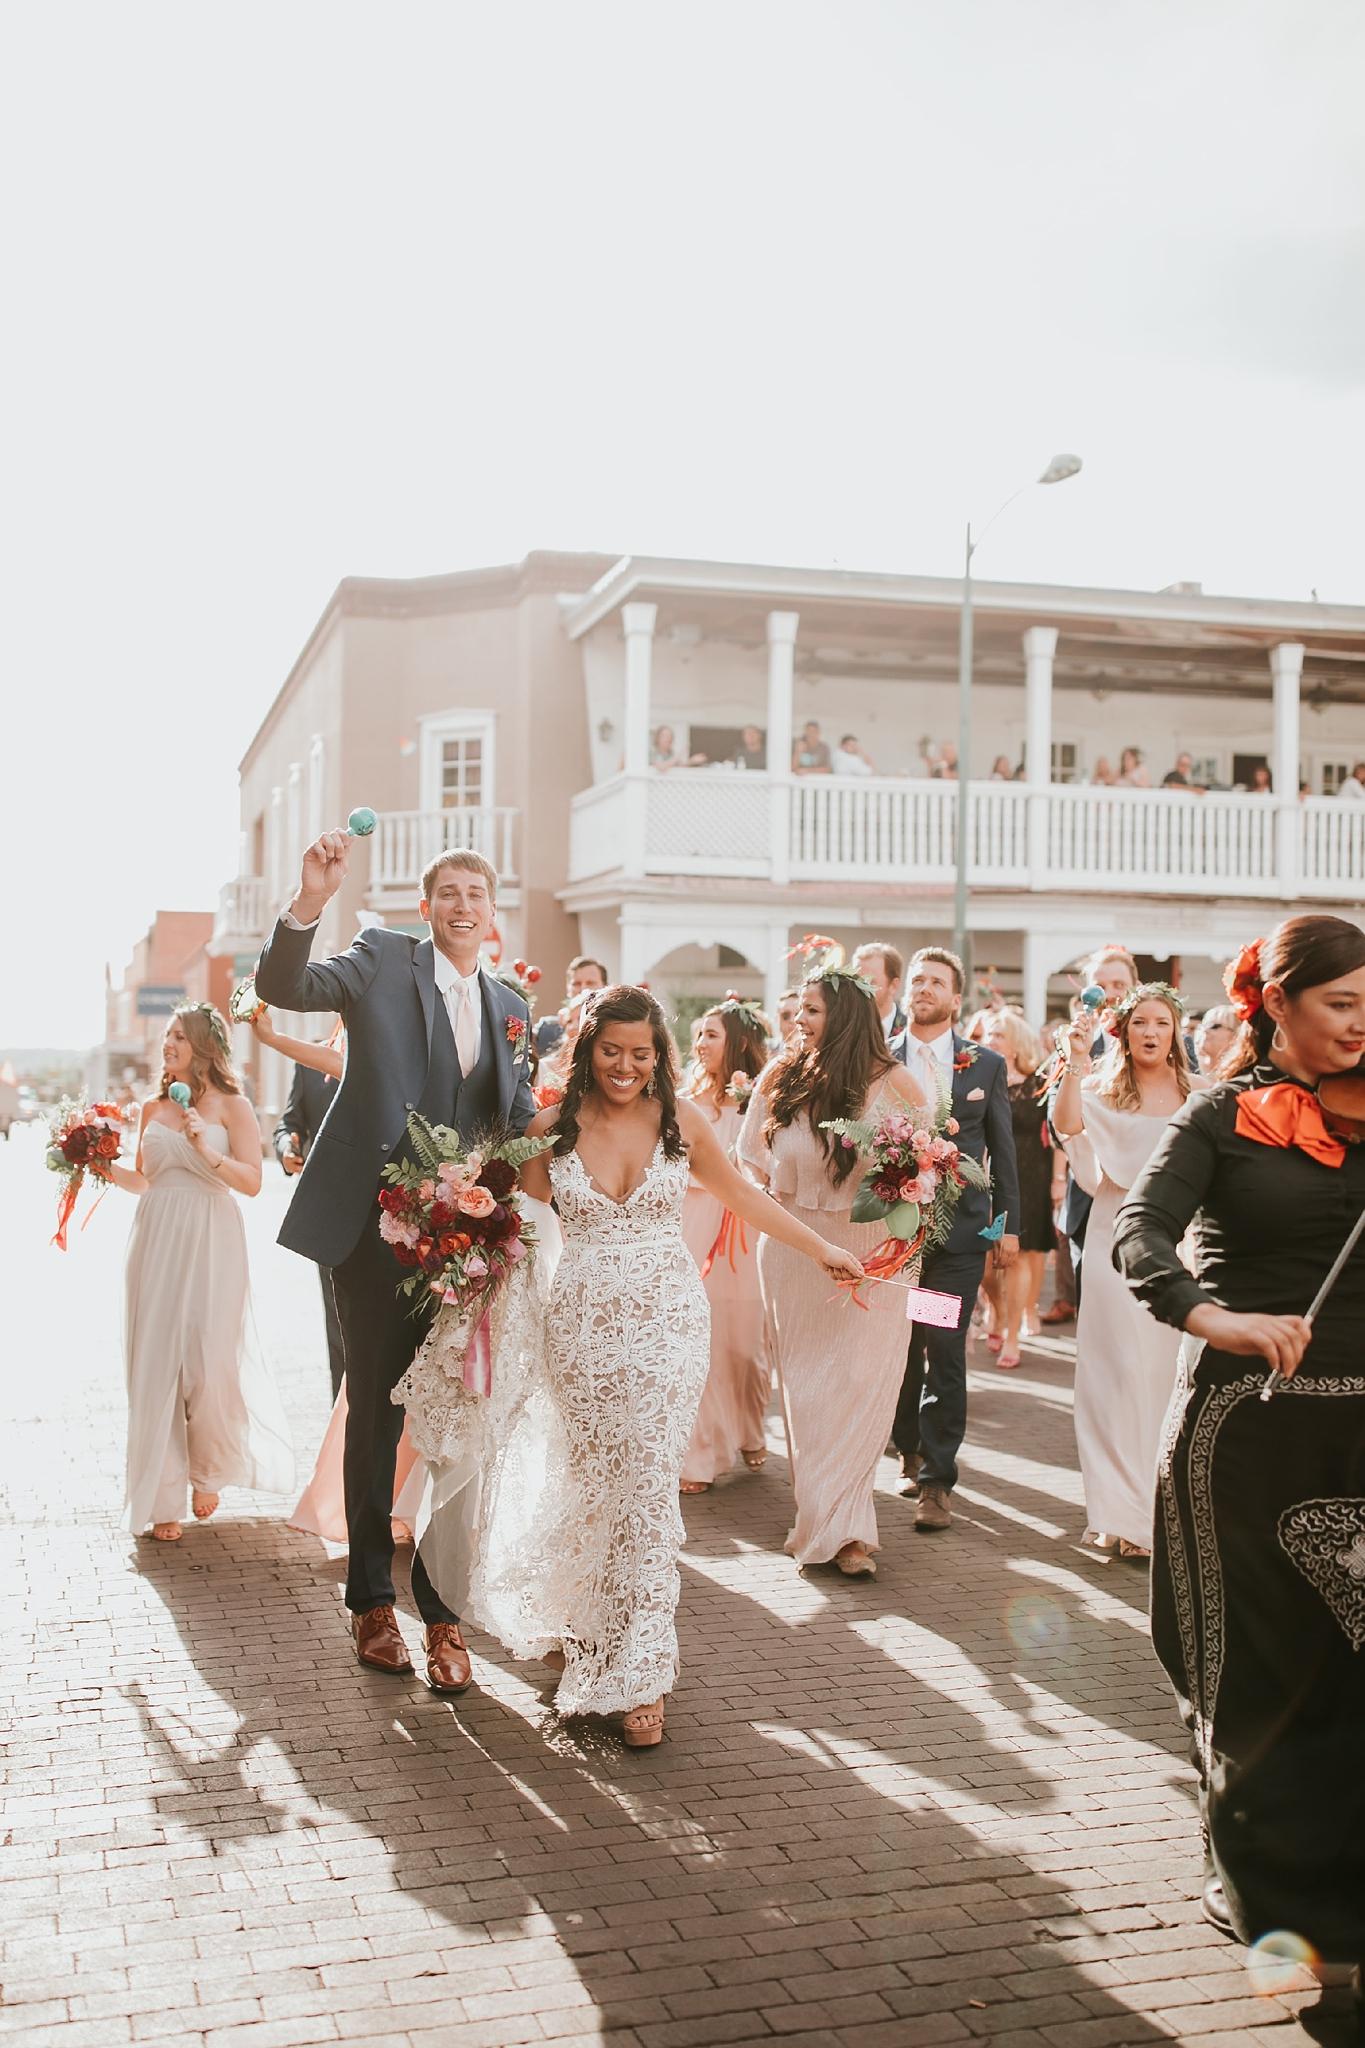 Alicia+lucia+photography+-+albuquerque+wedding+photographer+-+santa+fe+wedding+photography+-+new+mexico+wedding+photographer+-+new+mexico+wedding+-+wedding+photographer+-+wedding+photographer+team_0006.jpg